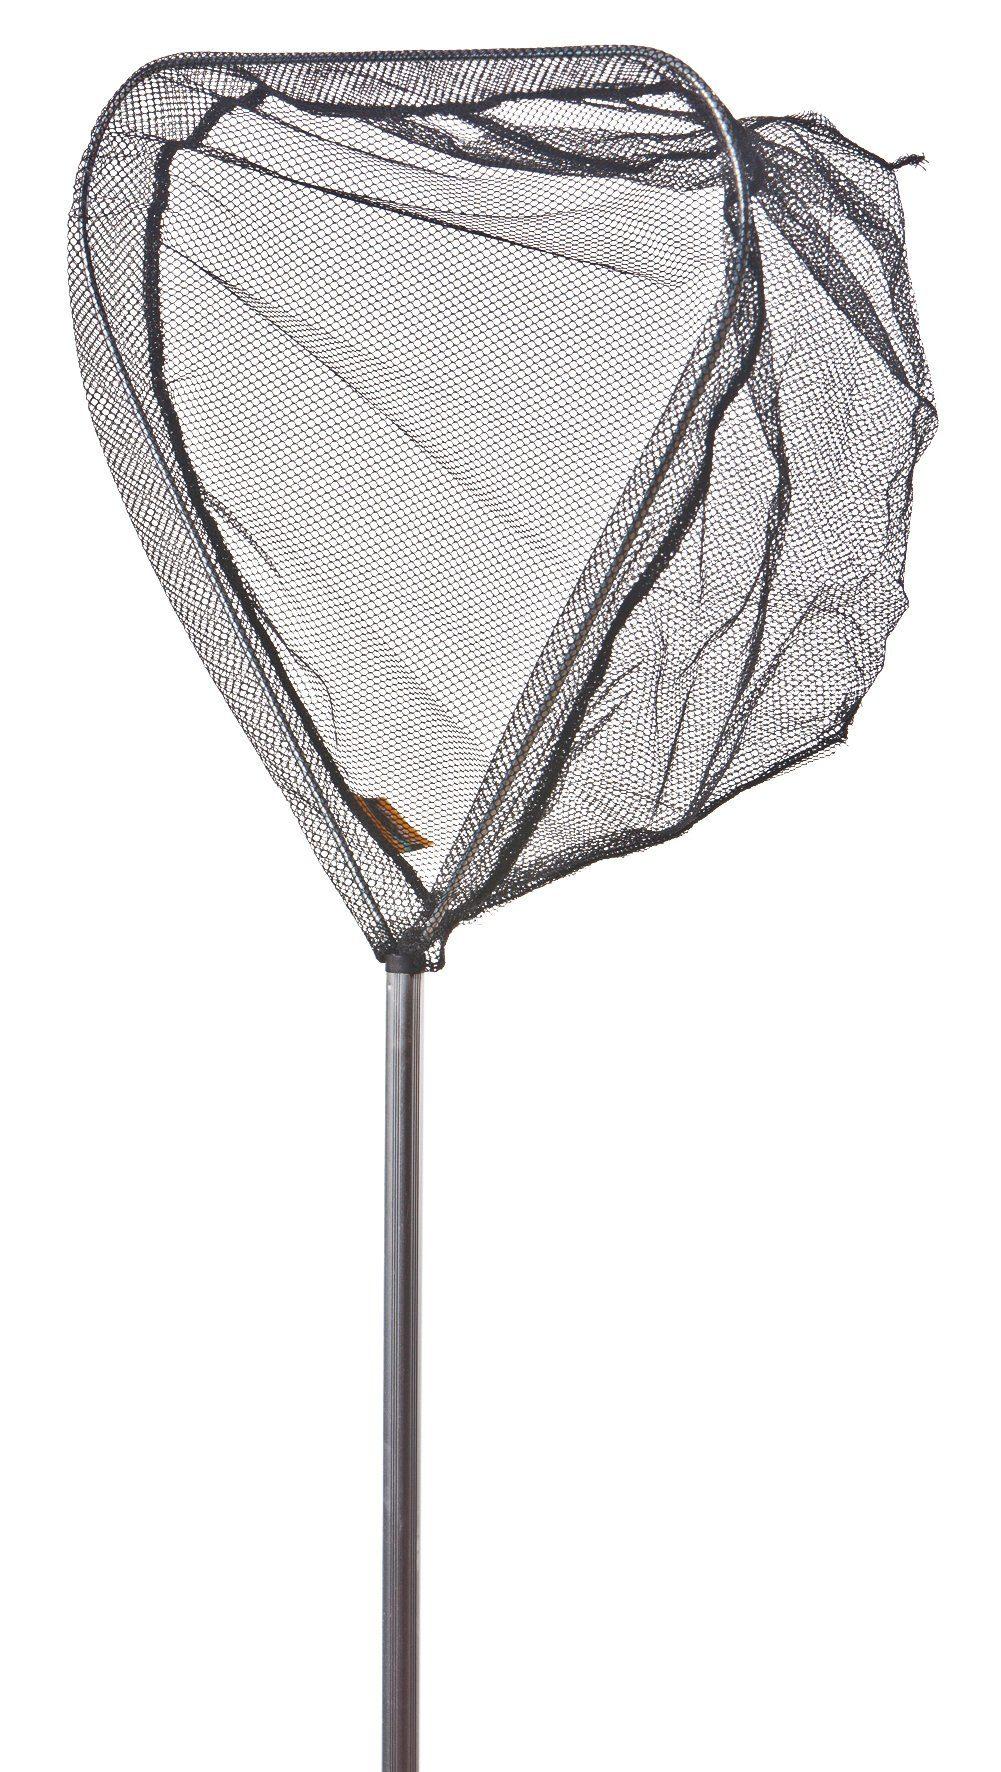 HEISSNER Teichkescher , mit Teleskopstiel 110-180 cm